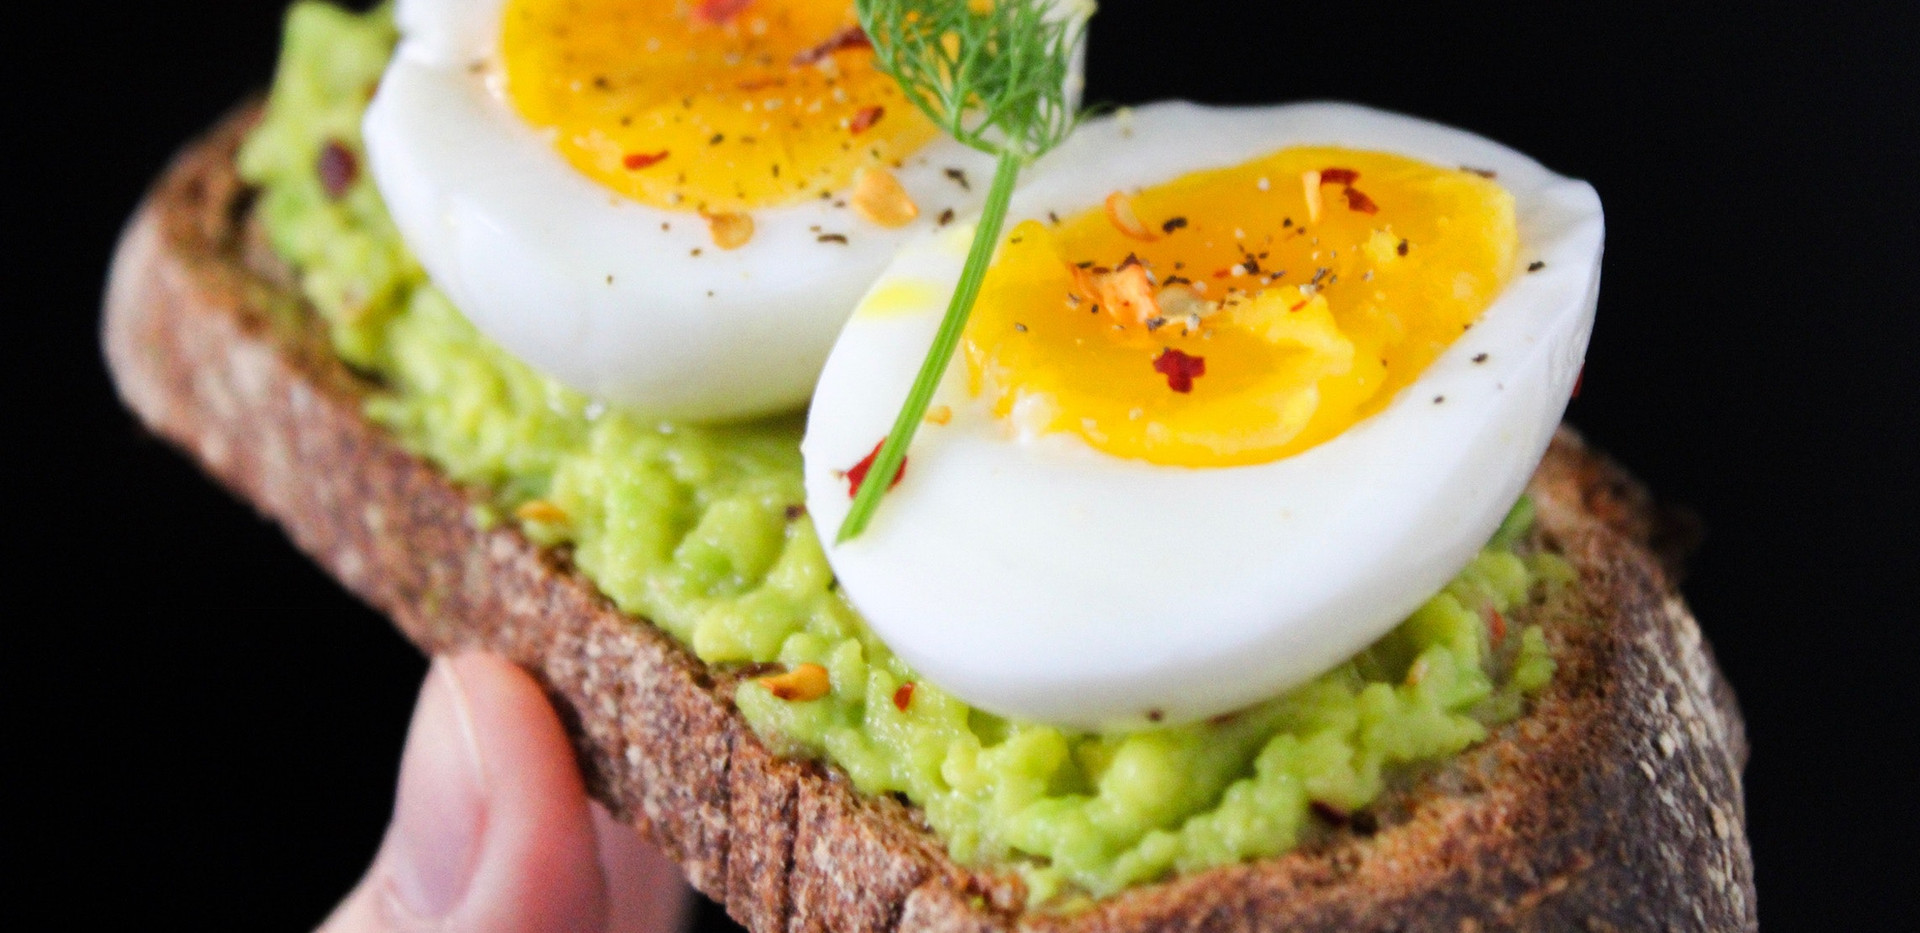 black-background-boiled-egg-boiled-eggs-